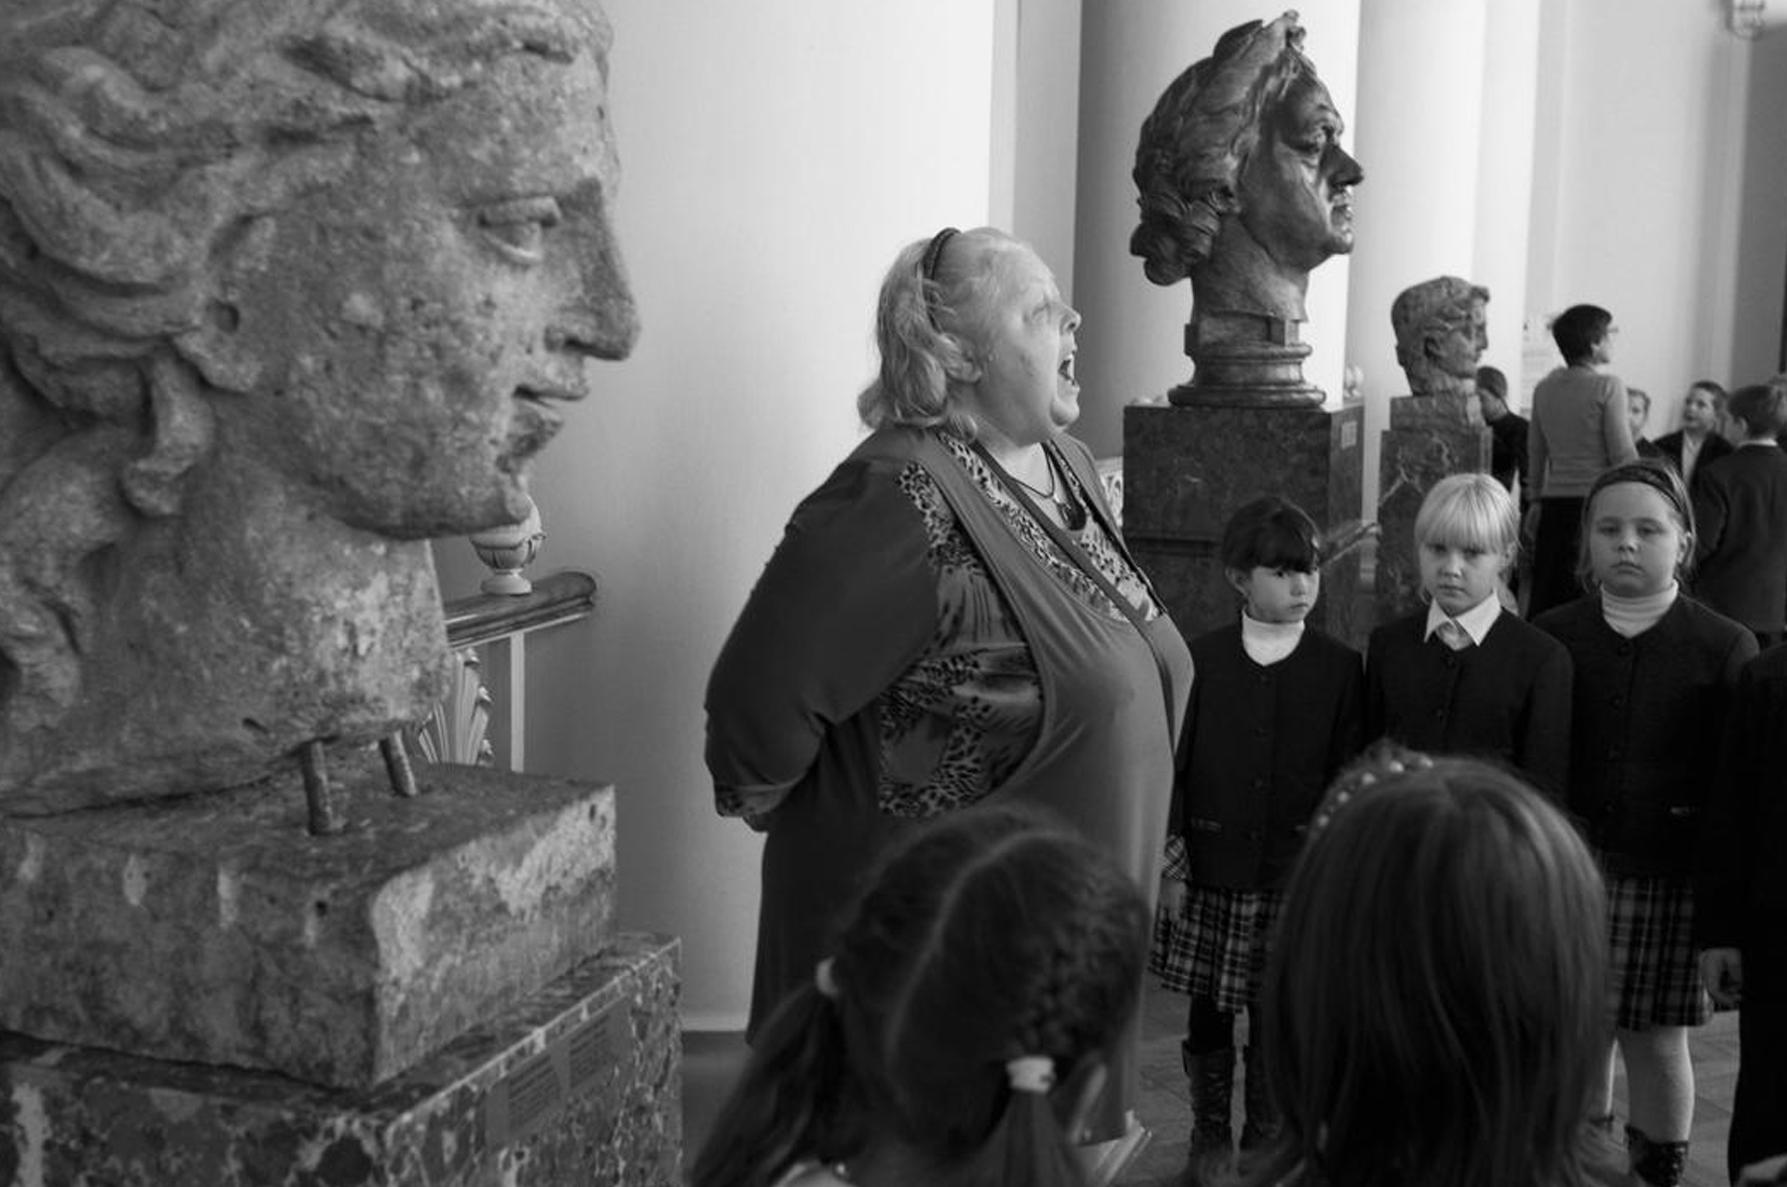 Стюарт Франклин. Школьники во время посещения Русского Музея. Санкт-Петербург. 2010